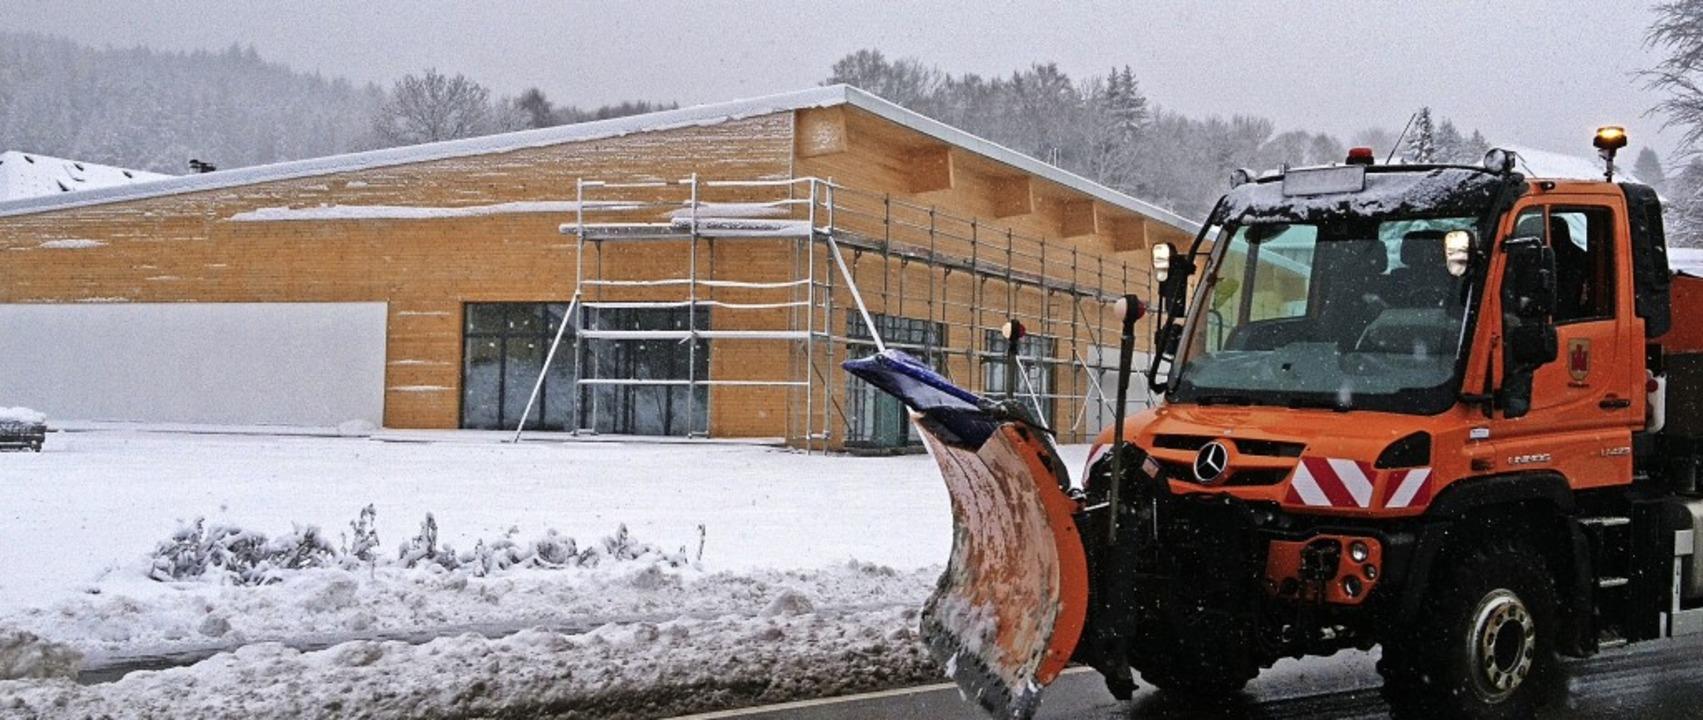 Winterruhe herrscht auf der Baustelle des geplanten Rossmann-Marktes in Häusern.  | Foto: Sebastian Barthmes